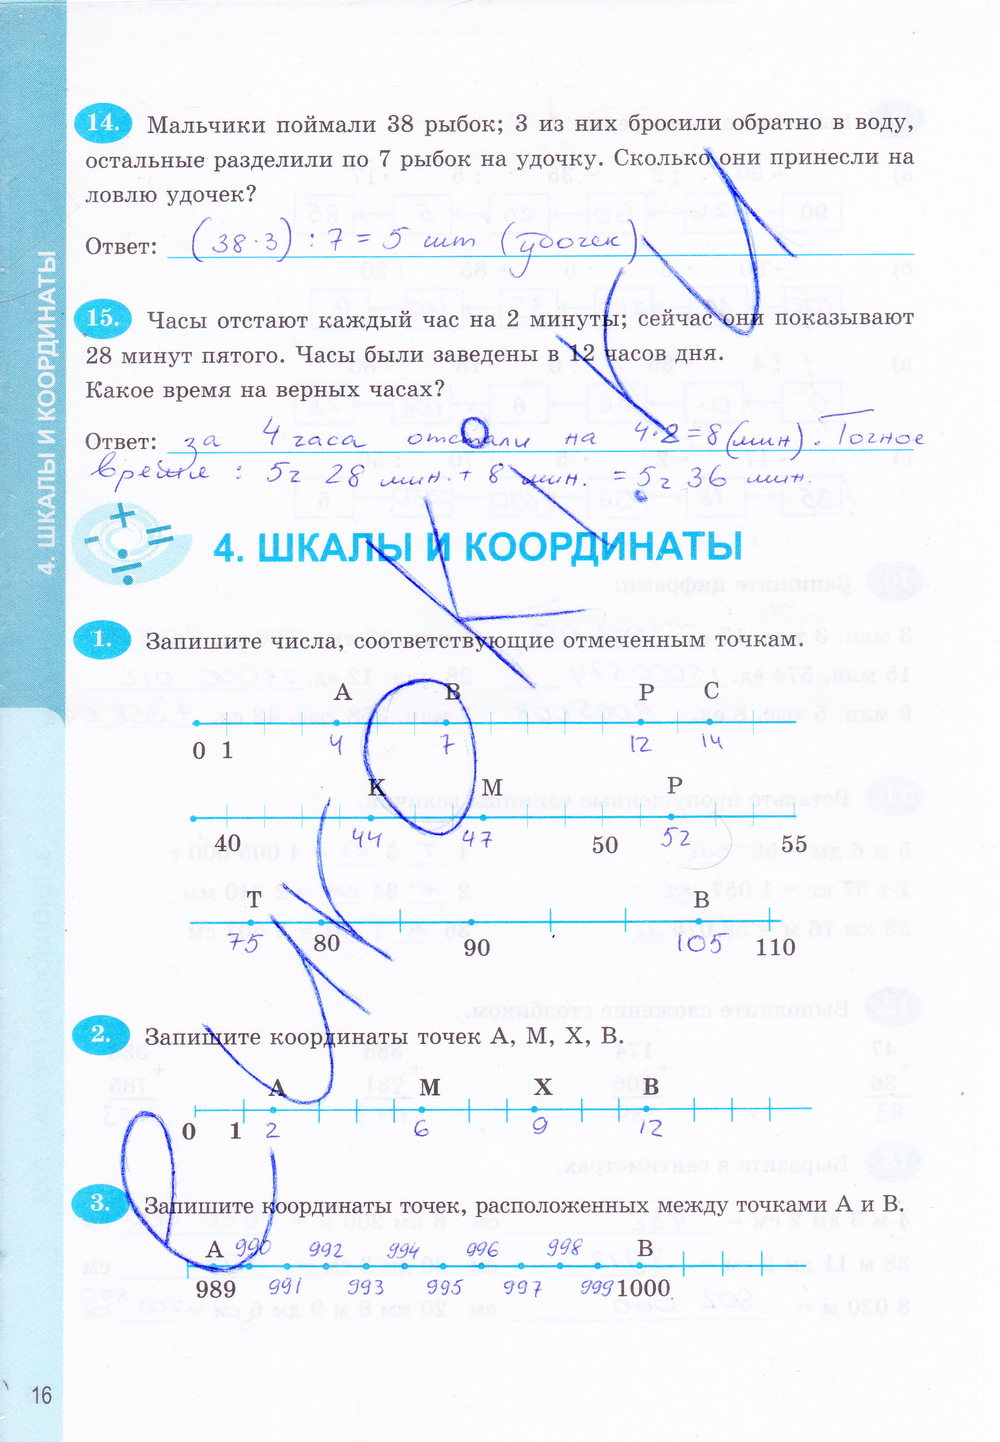 Ответы на рабочую тетрадь ерина скачать бесплатно 6 класс